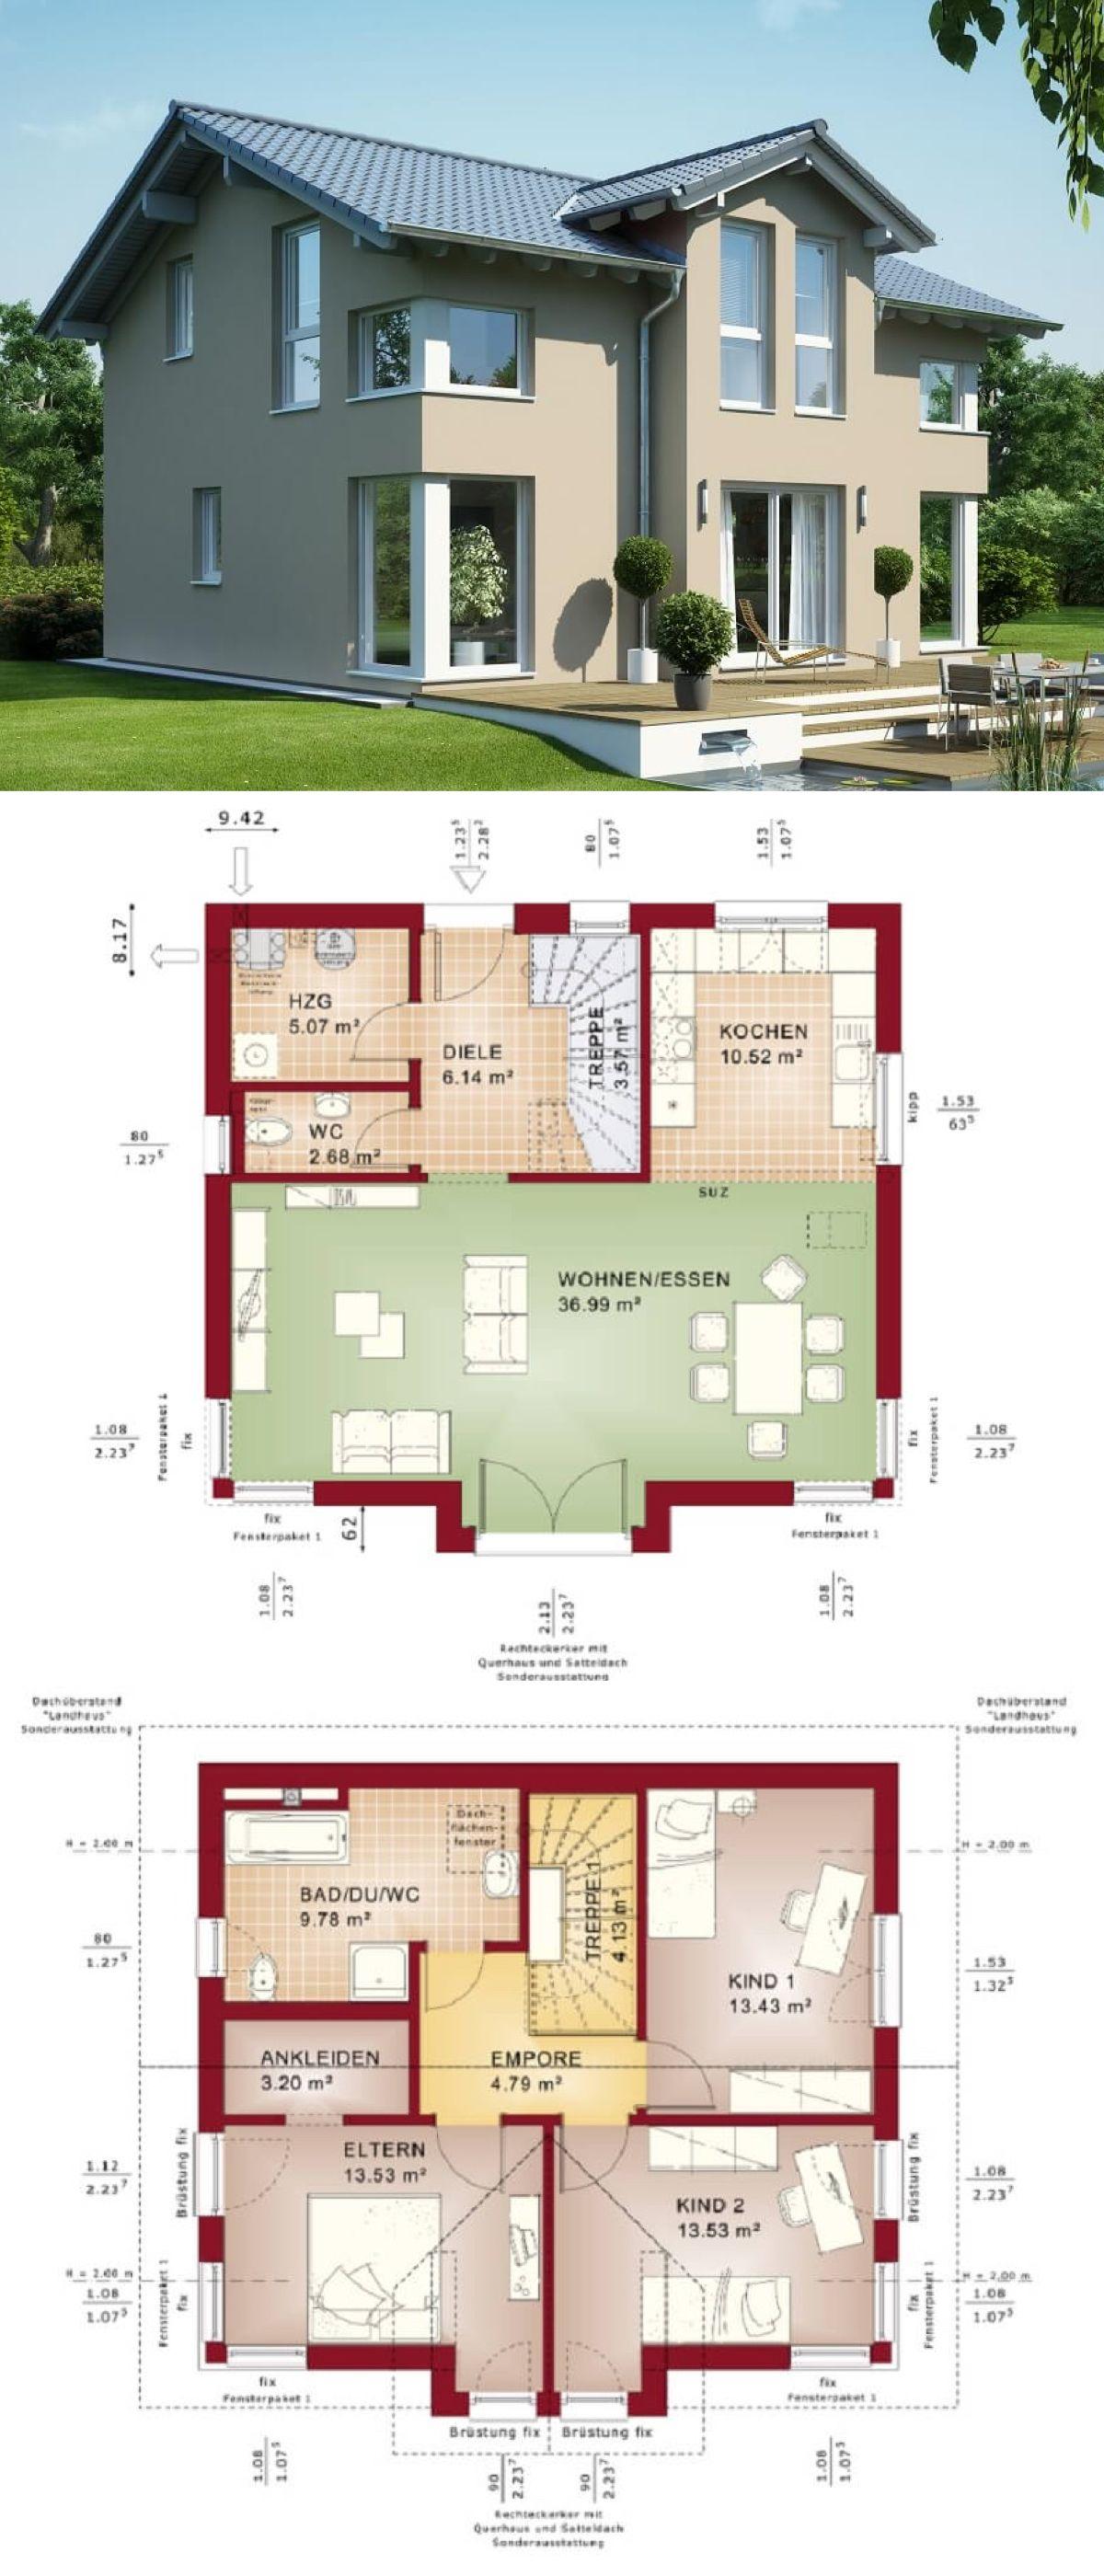 Captivating Einfamilienhaus Architektur Mit Satteldach U0026 Querhaus   Haus Bauen  Grundriss Fertighaus Evolution 125 V4 Bien Zenker